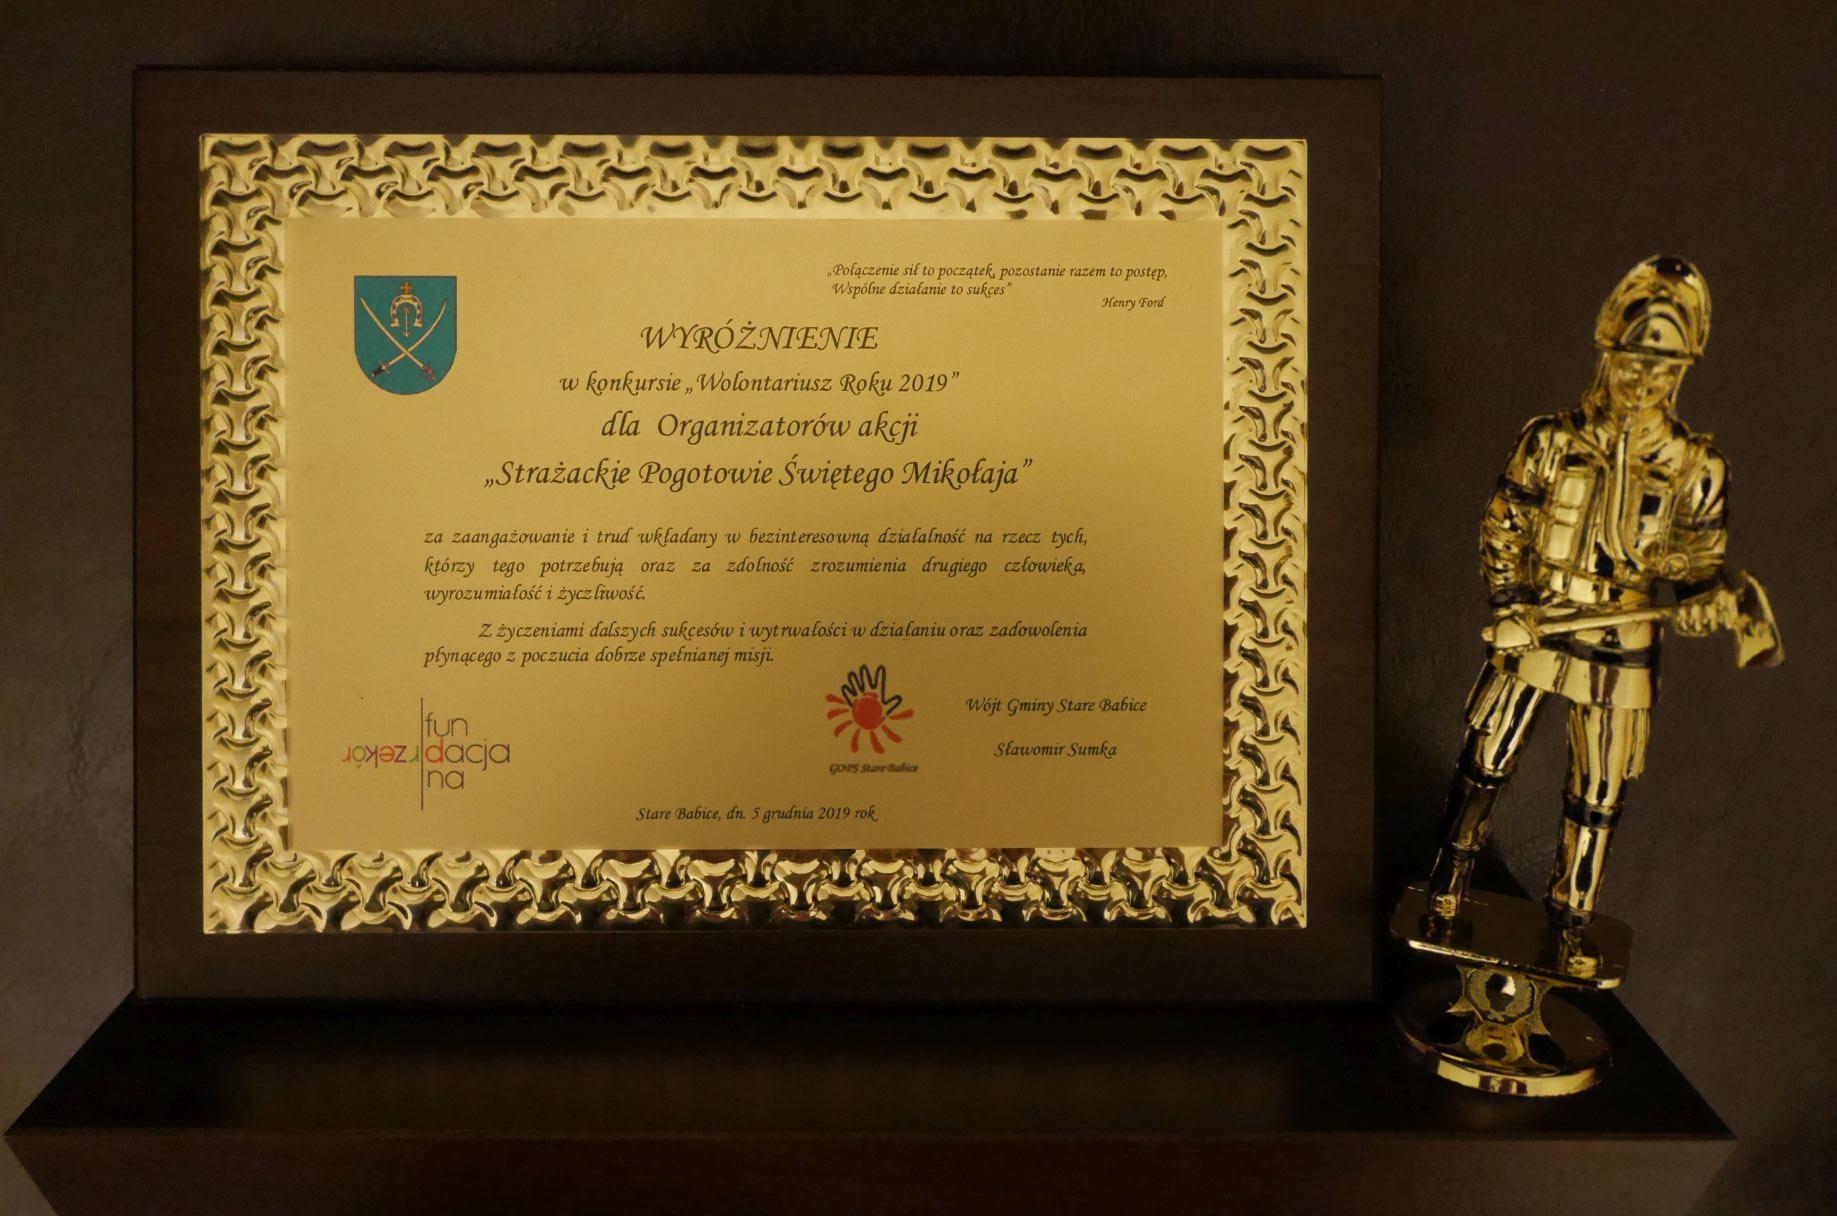 Wyróżnienie dla naszej akcji Strażackie Pogotowie św. Mikołaja